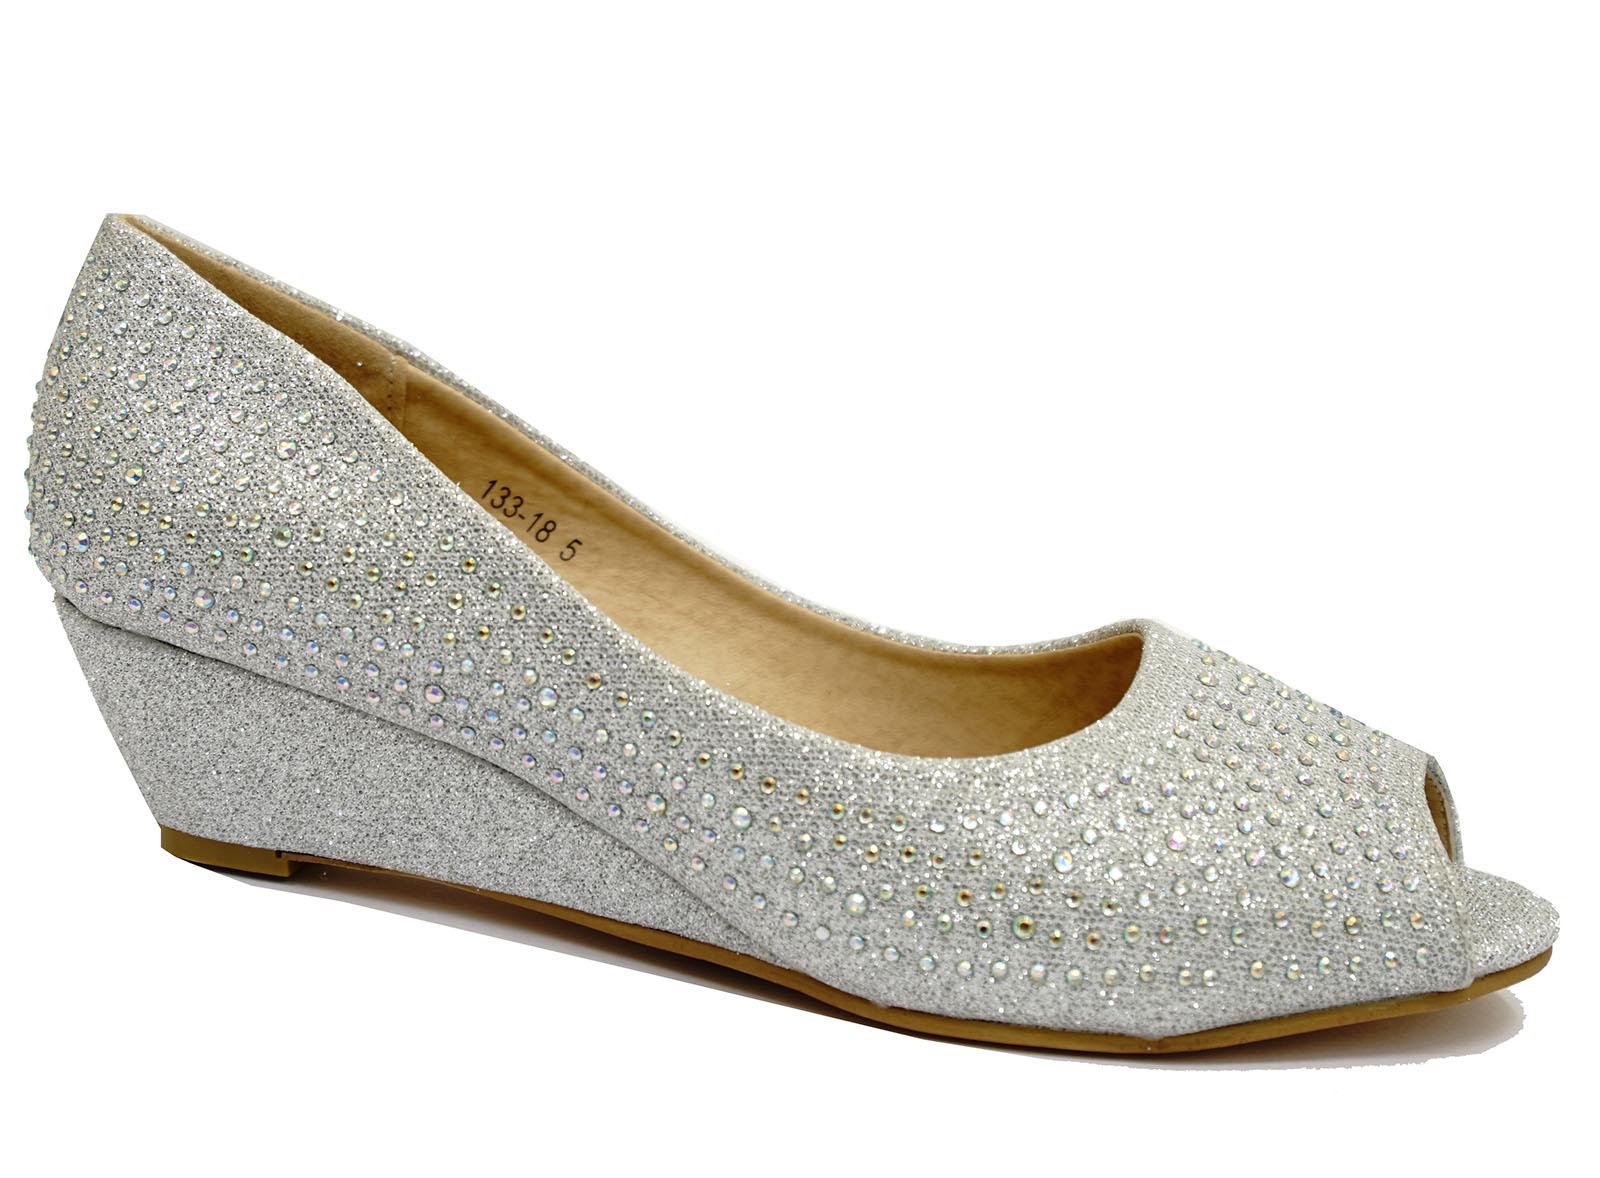 Silver wedges peep toe